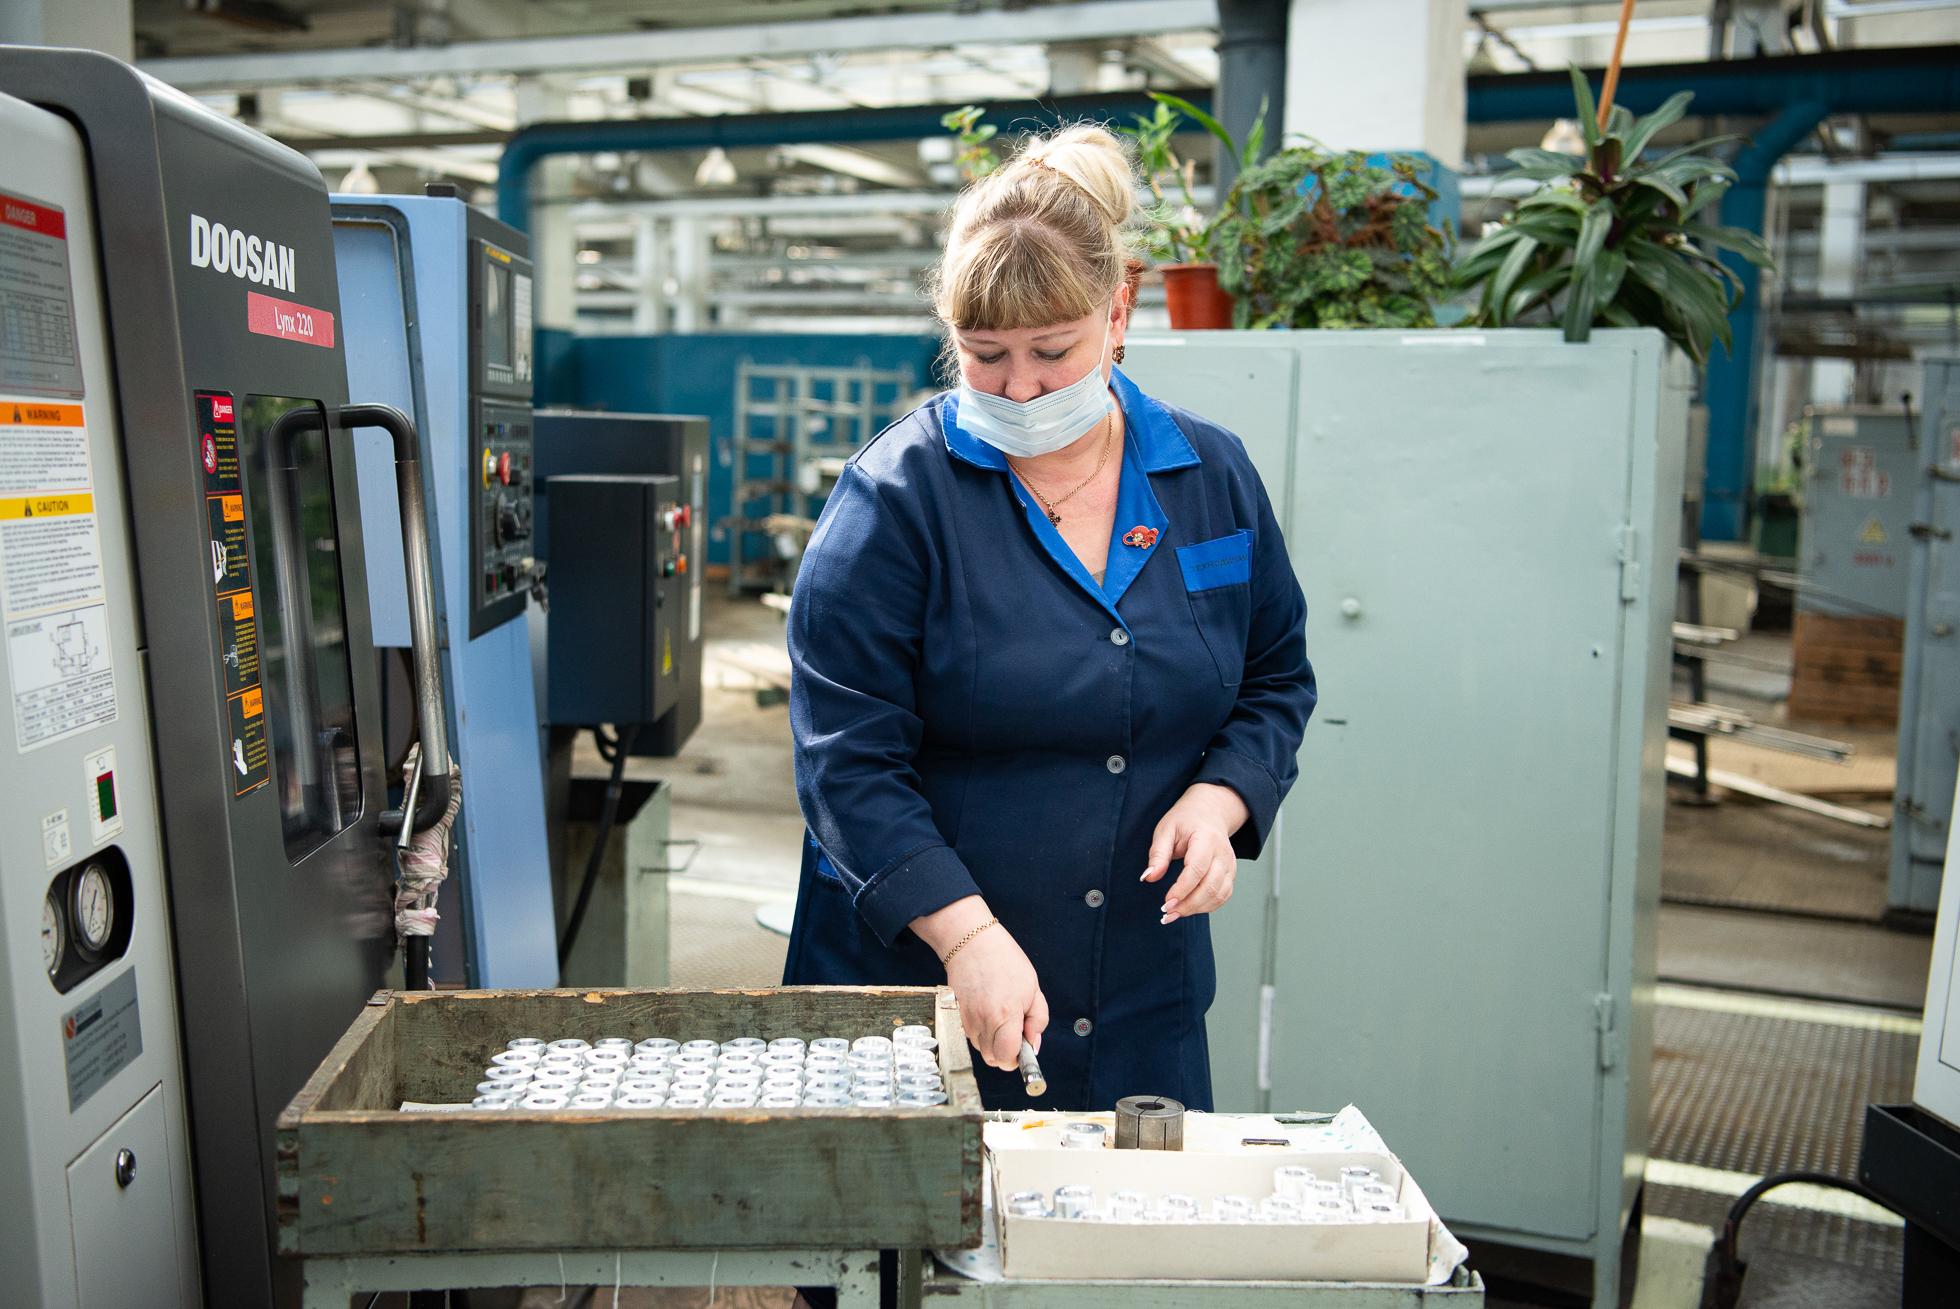 КУЛЗ — достаточно большой завод, на предприятии работает 1600 человек